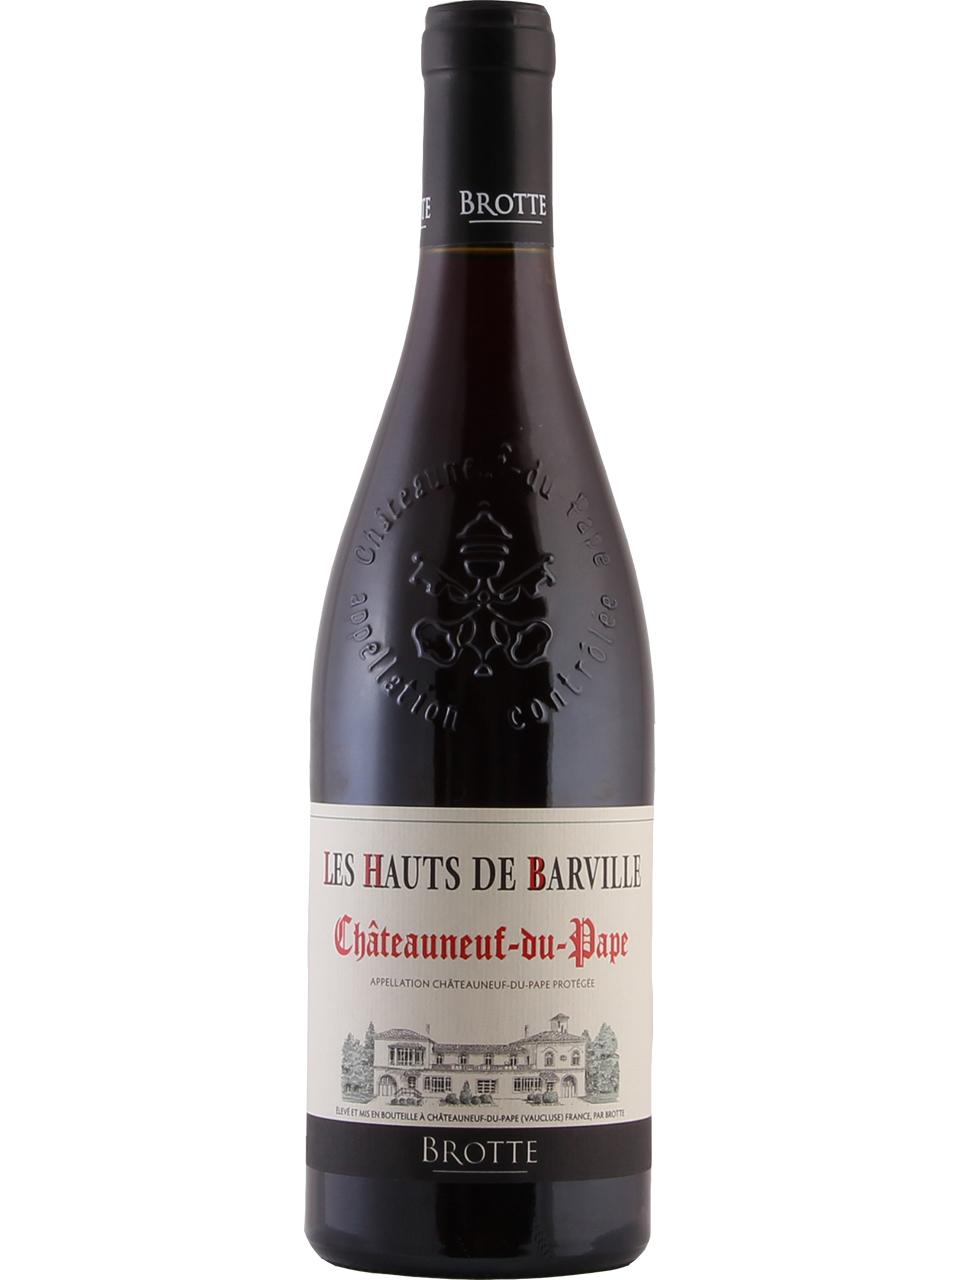 Brotte Chateauneuf-du-Pape Les Hauts Barville Red